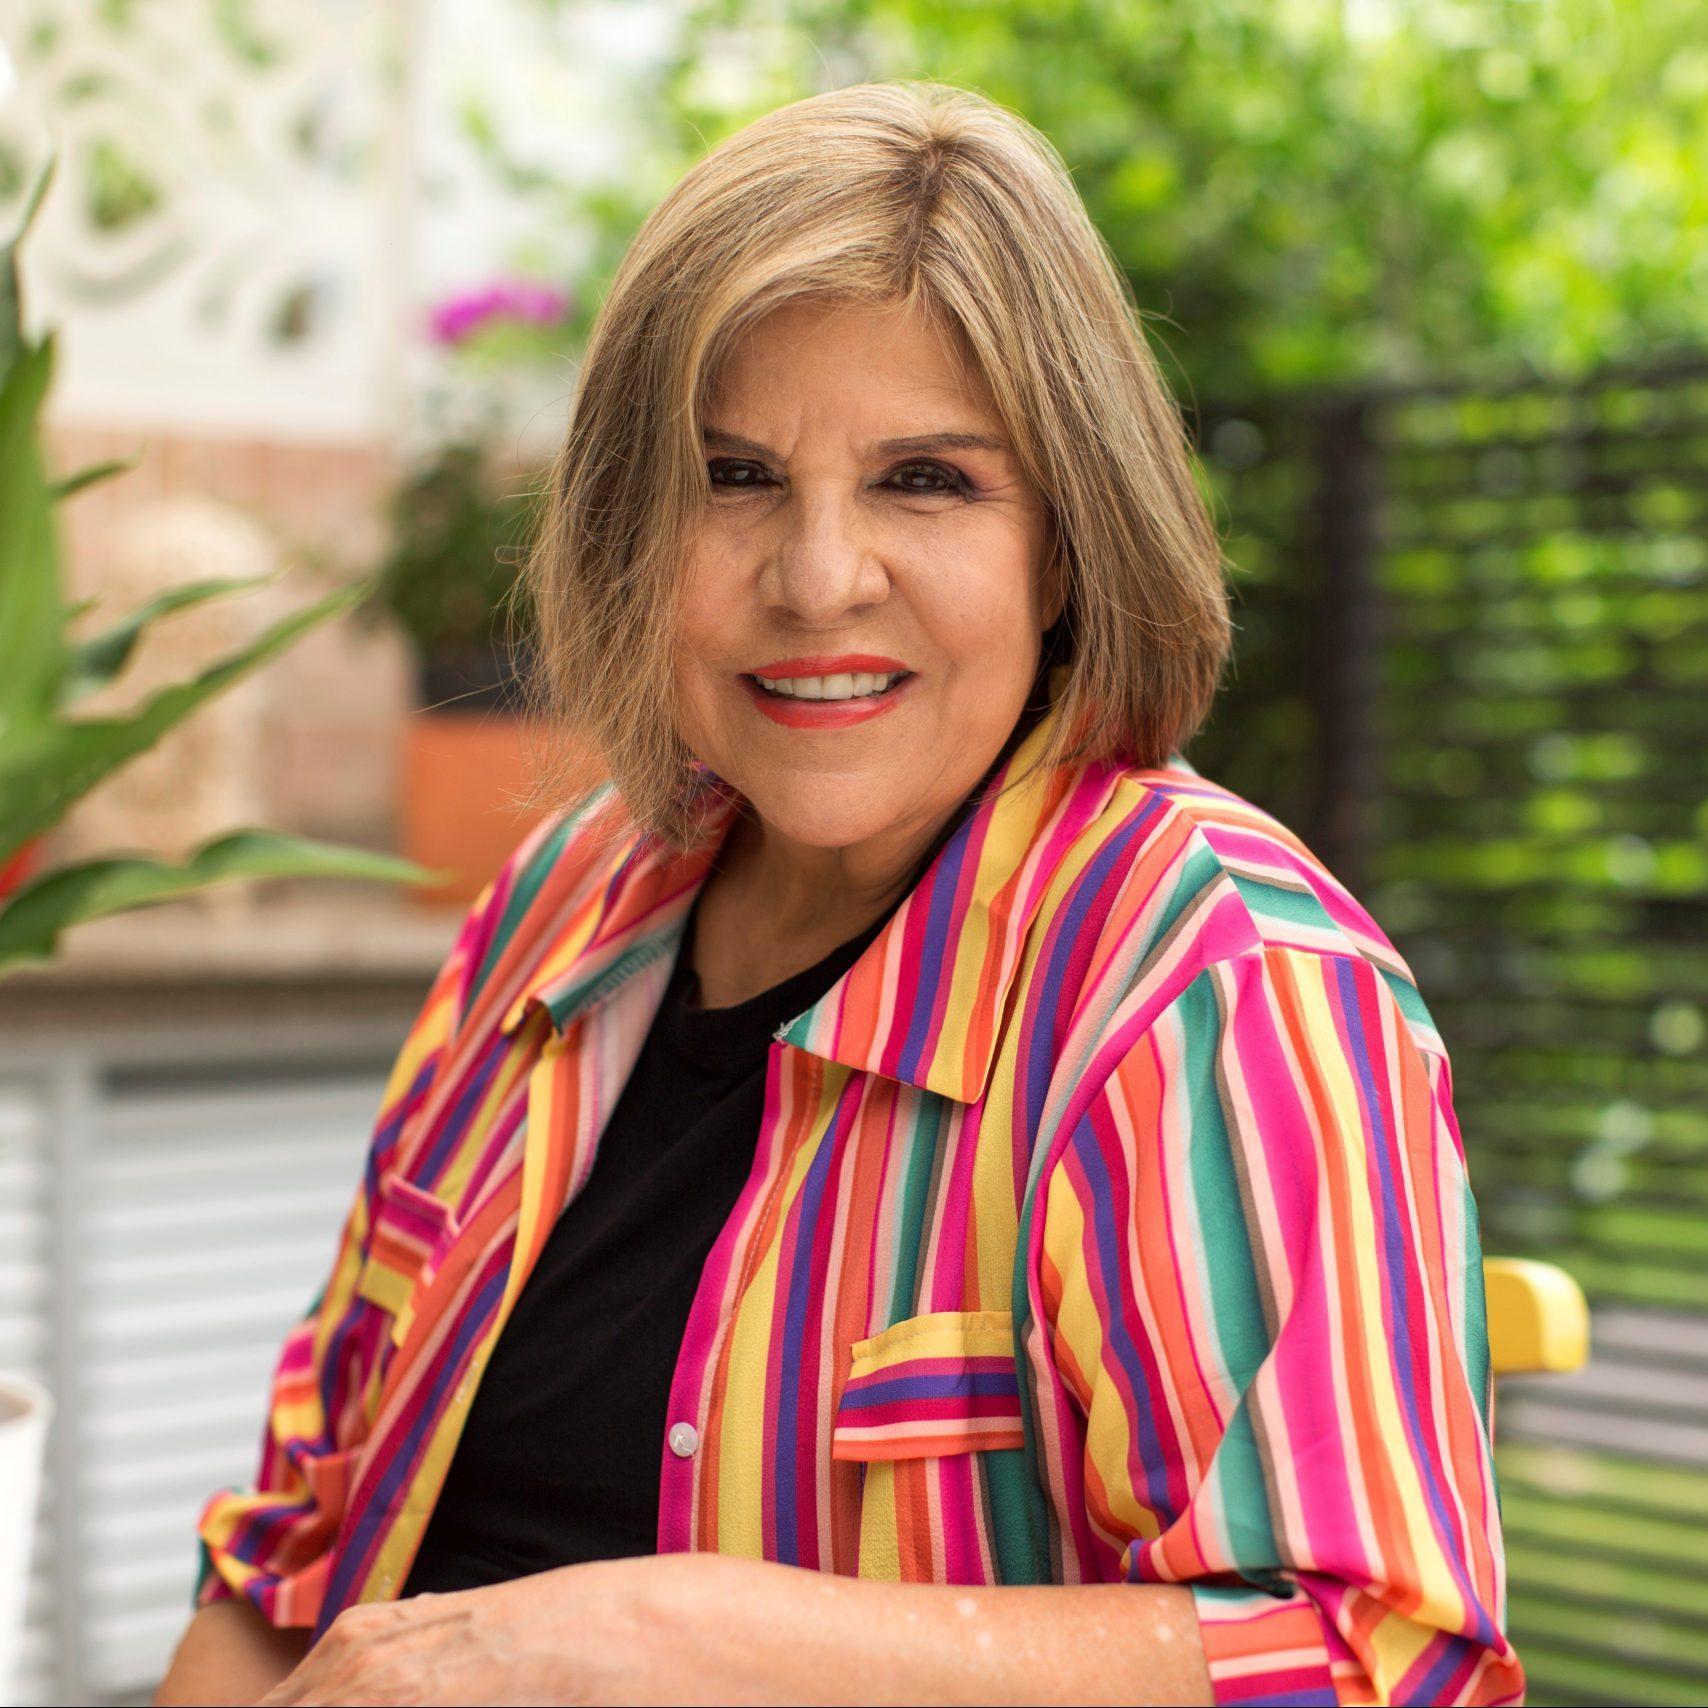 Fabiola Morera